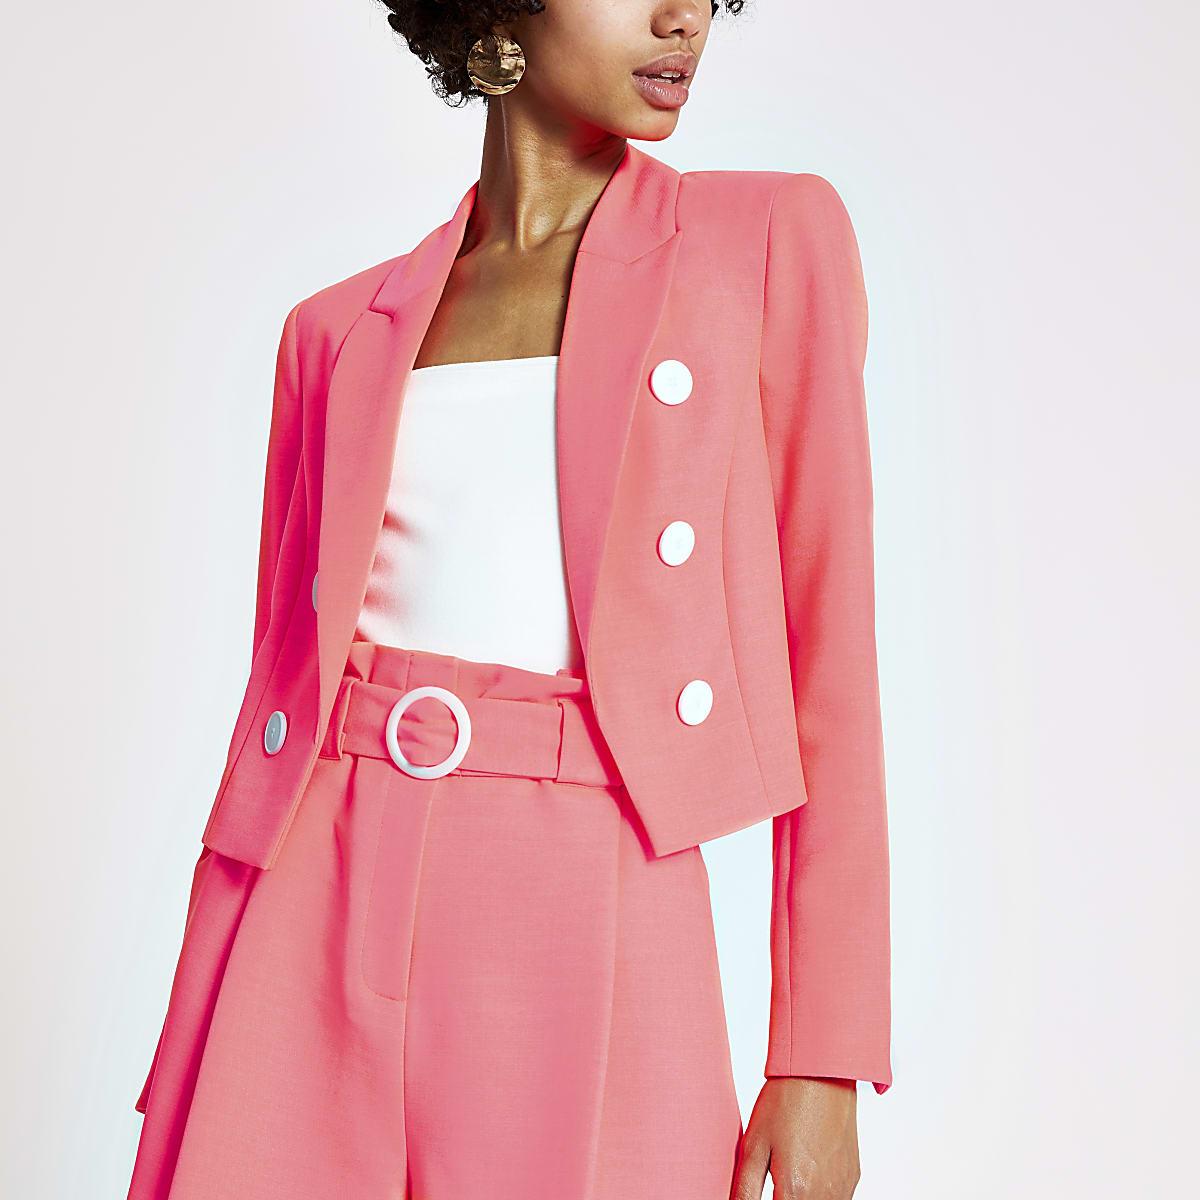 acddd546b7d94 Blazer court rose fluo - Blazers - Manteaux & Vestes - Femme